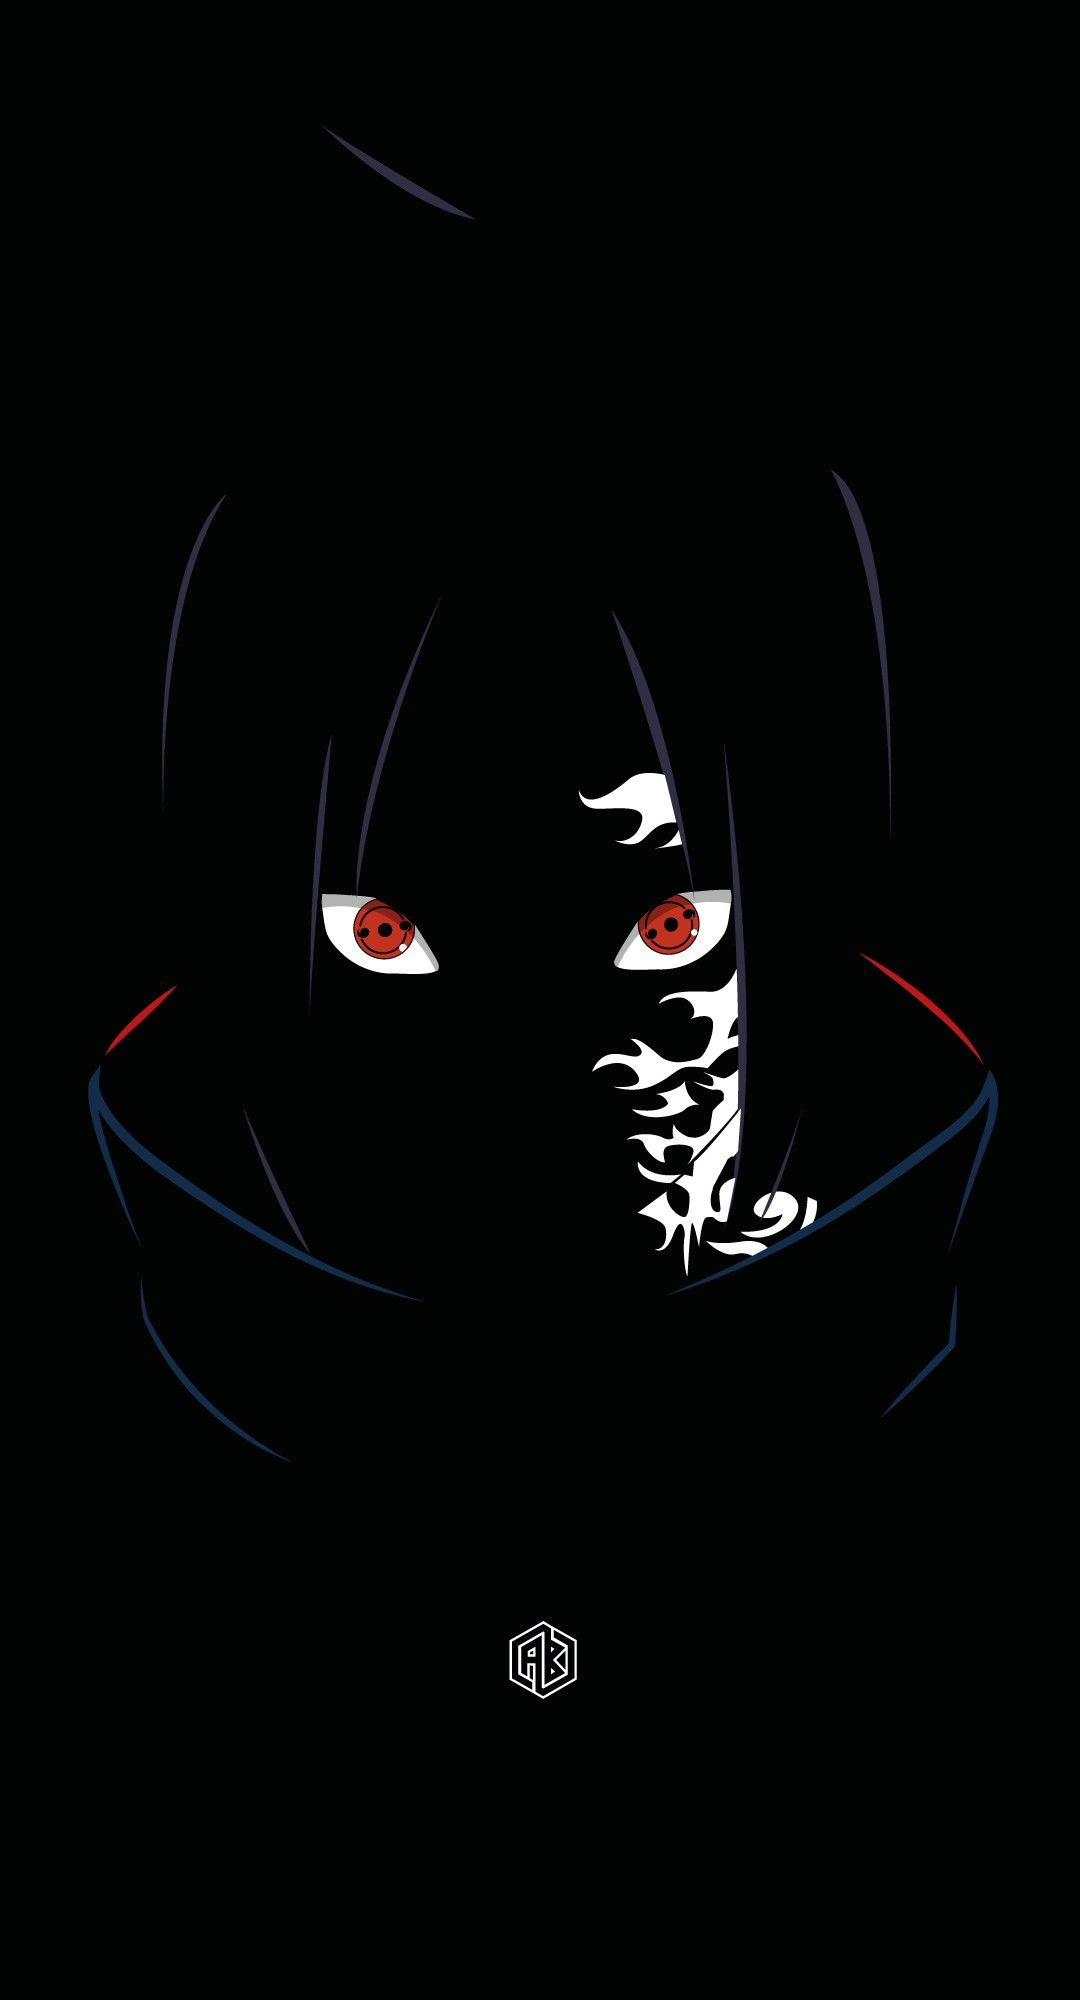 Sasuke Wallpaper Naruto Shippuden Anime Akatsuki Naruto Uzumaki Art Anime wallpaper iphone sasuke